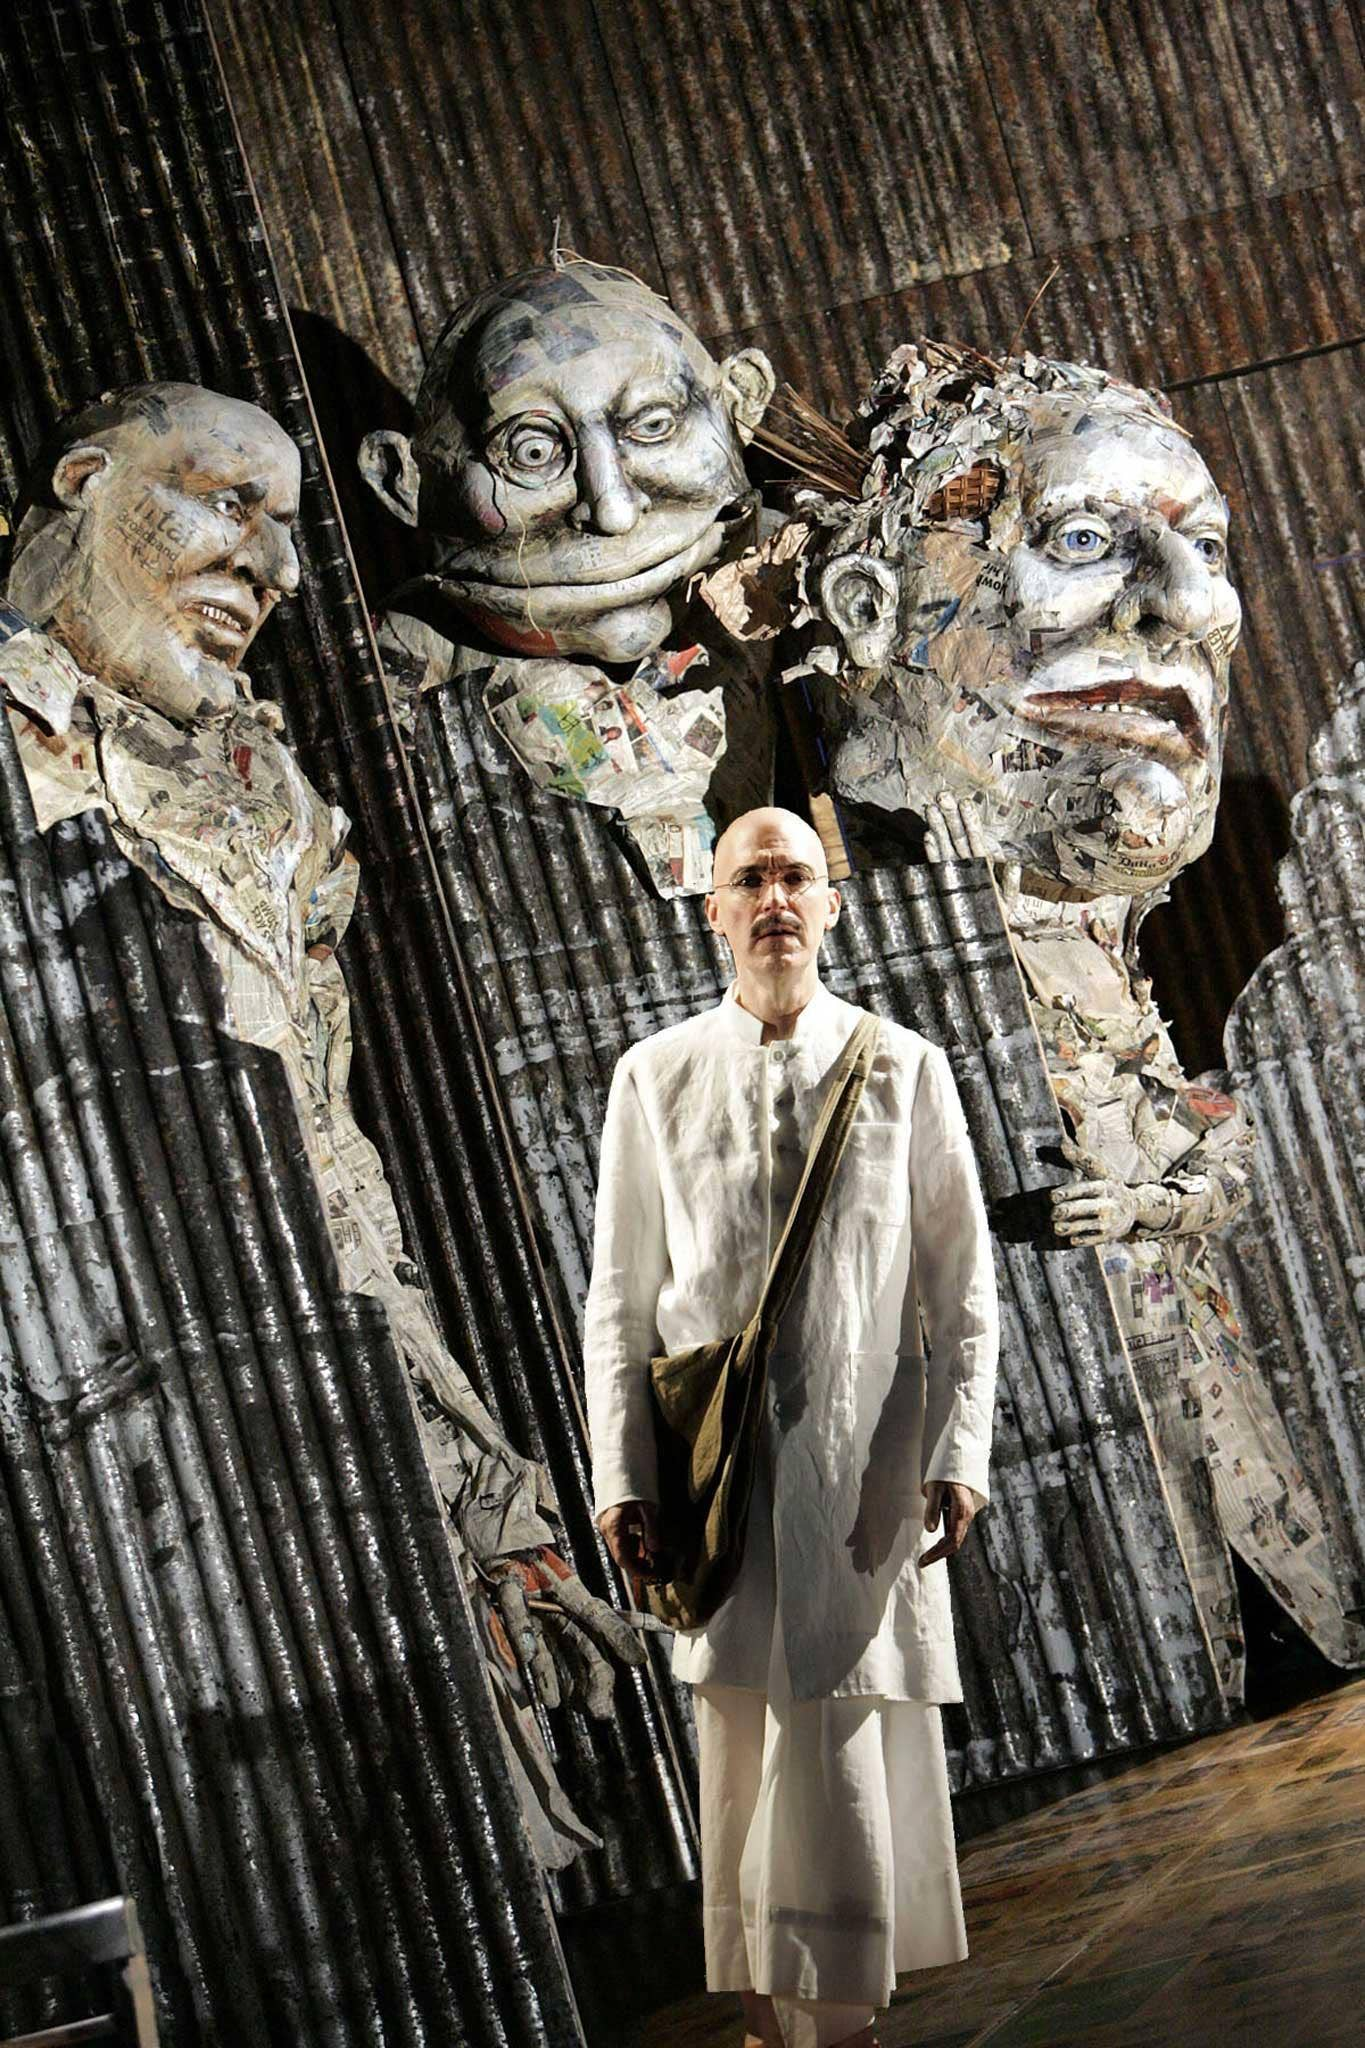 Alan Oke as Gandhi in 'Satyagraha'